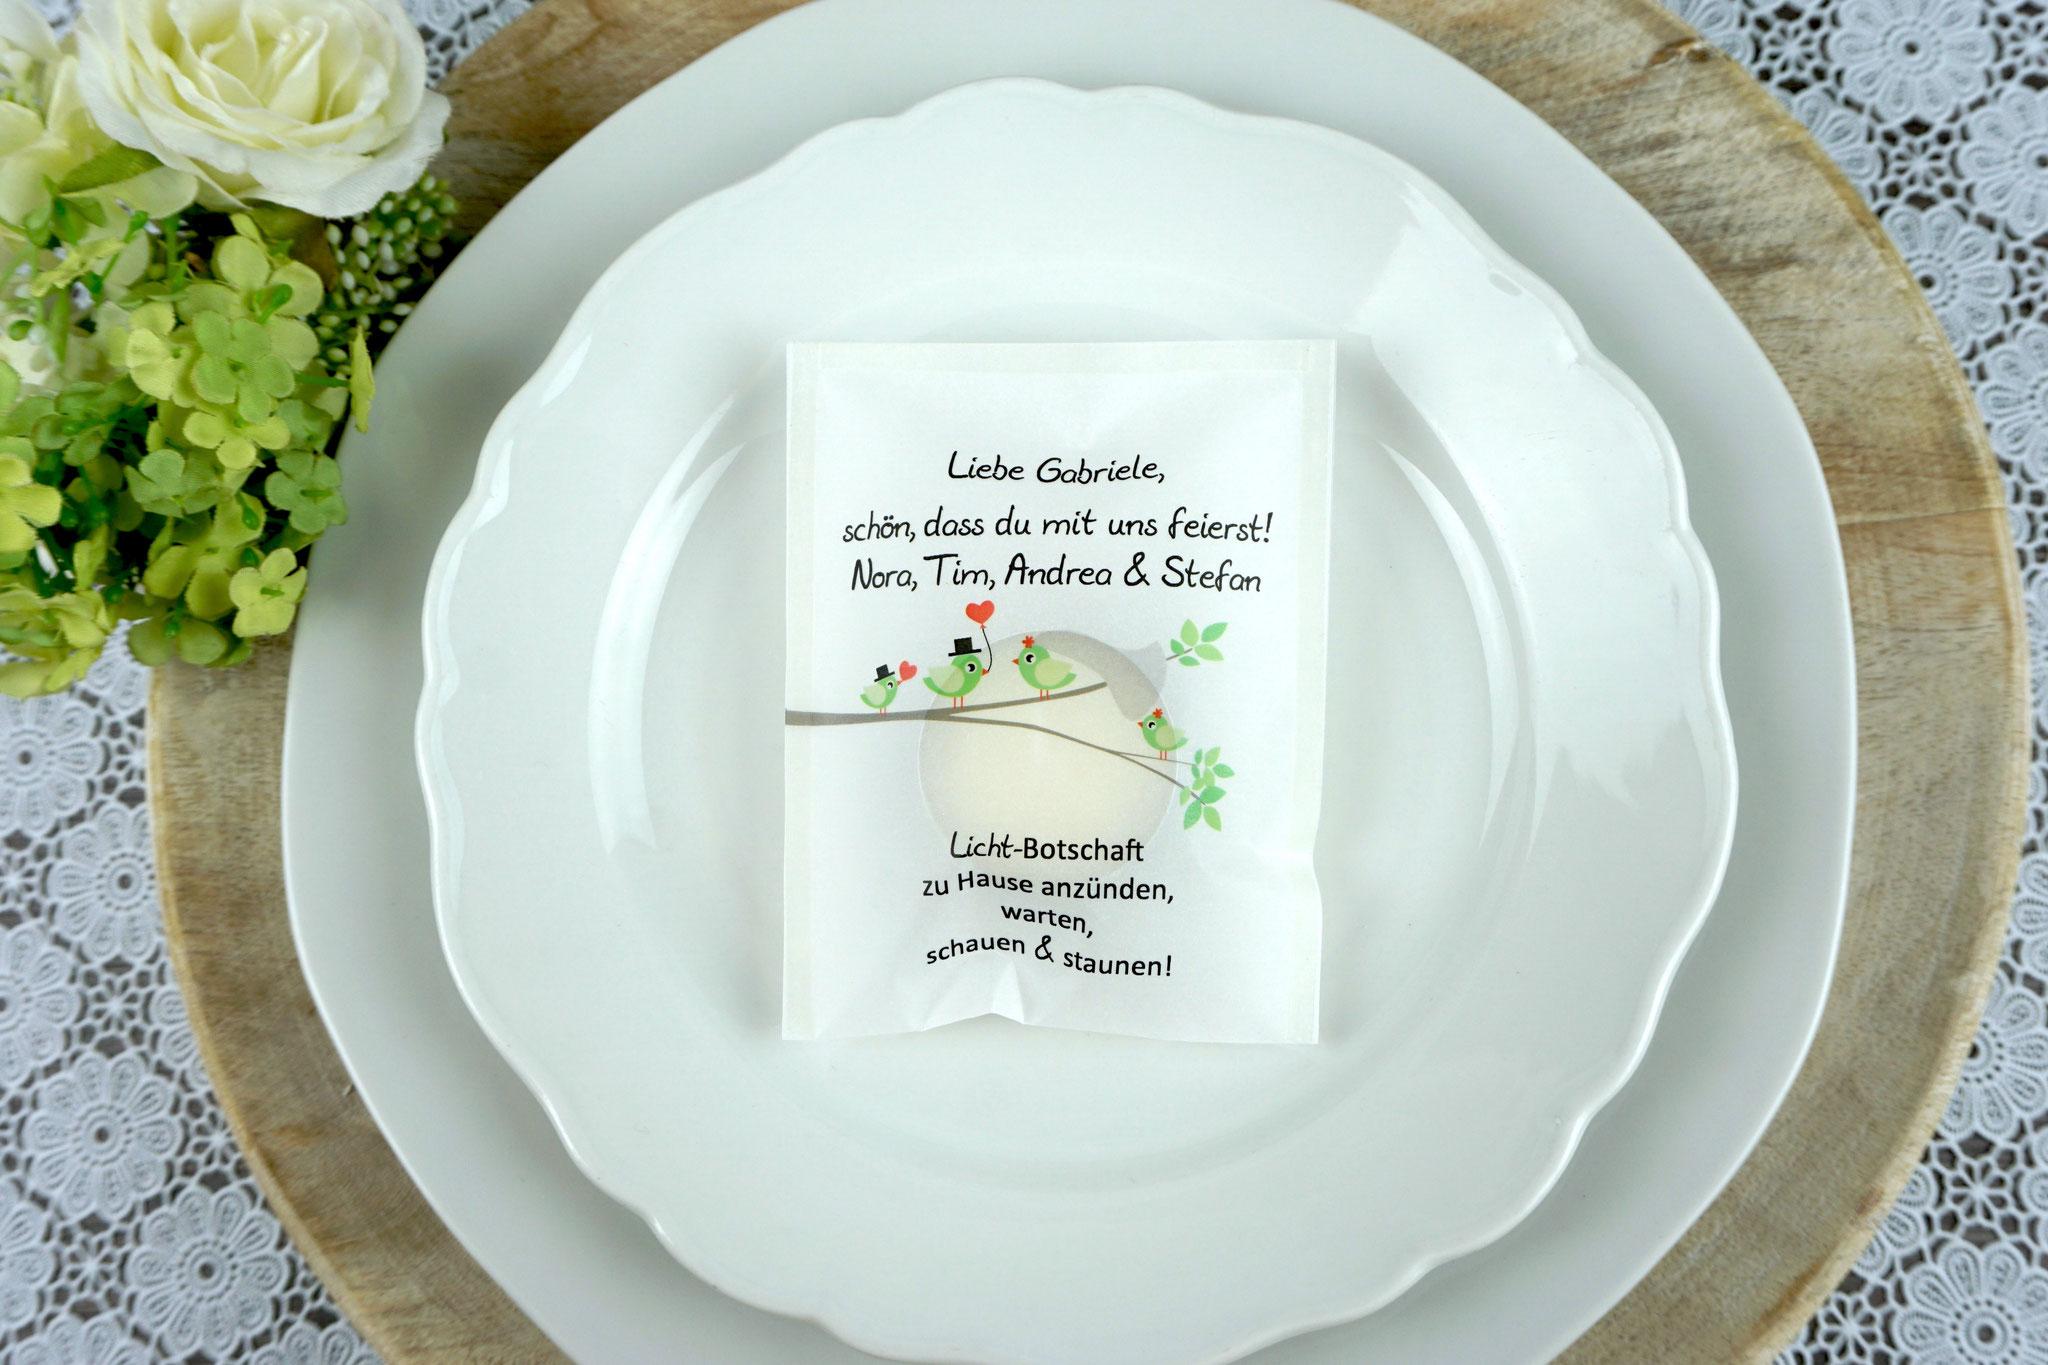 """Eine Familie heiratet - Licht-Botschaft Design """"Hochzeitsvögel auf verzweigtem Ast"""", Farbe Apfelgrün, """"Verpackung als Platzkarte"""""""